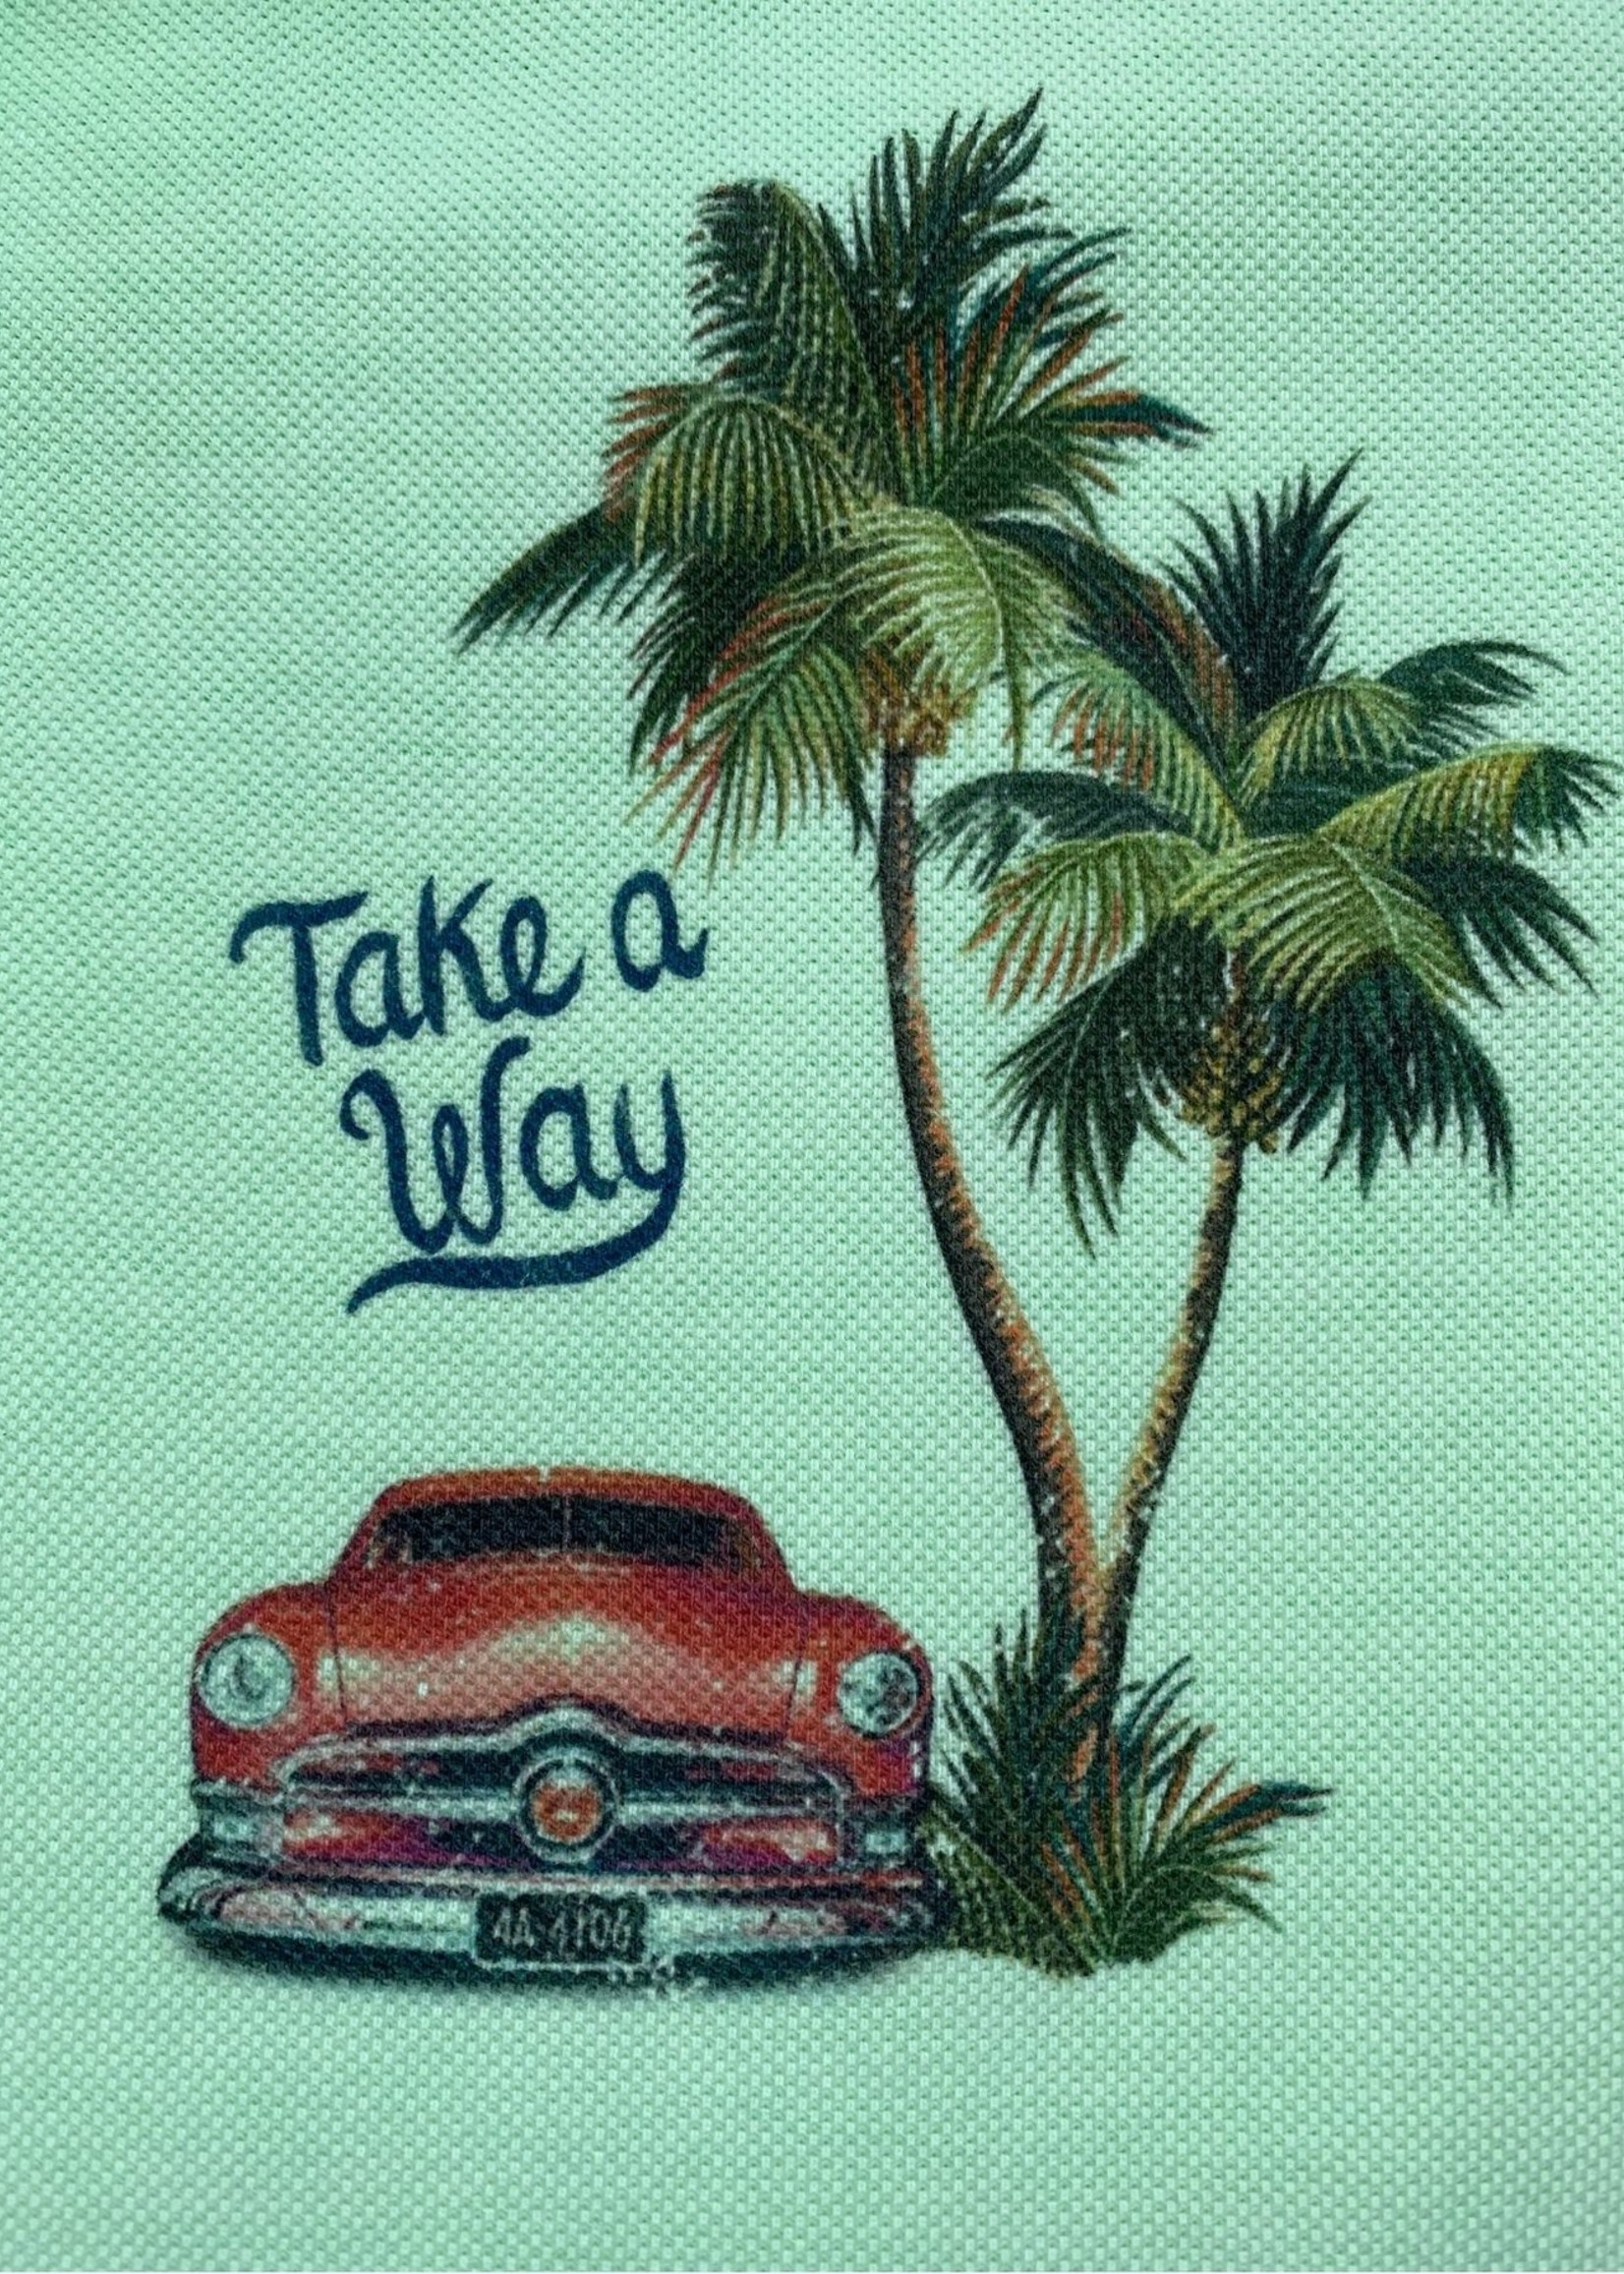 Take A Way Polo Santiago | Vert | Take a Way